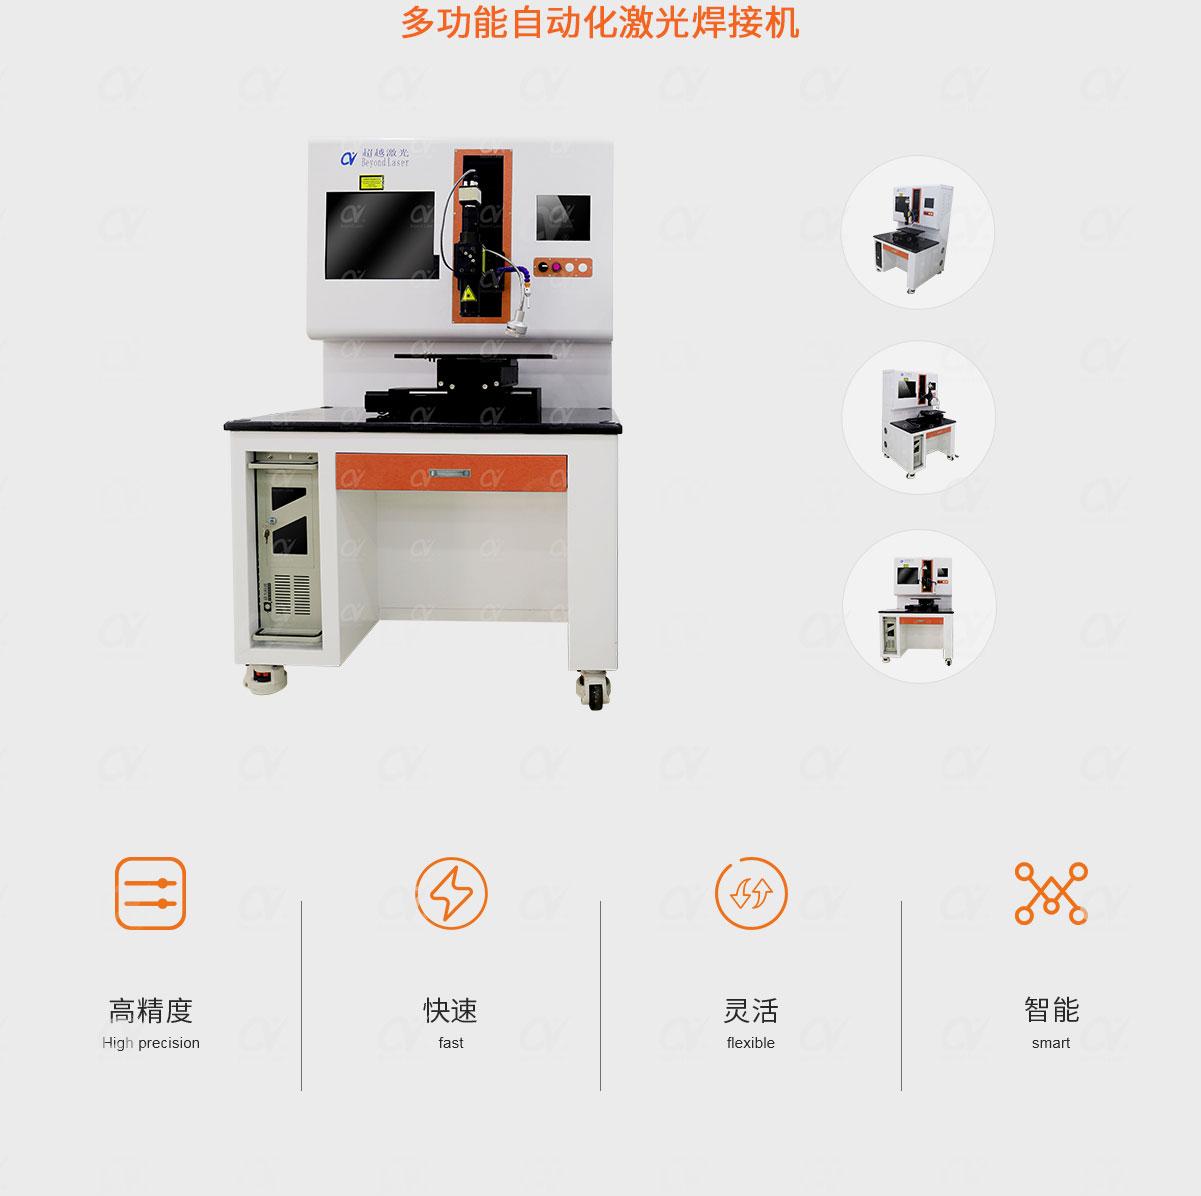 多功能自动化激光焊接机产品简介.jpg